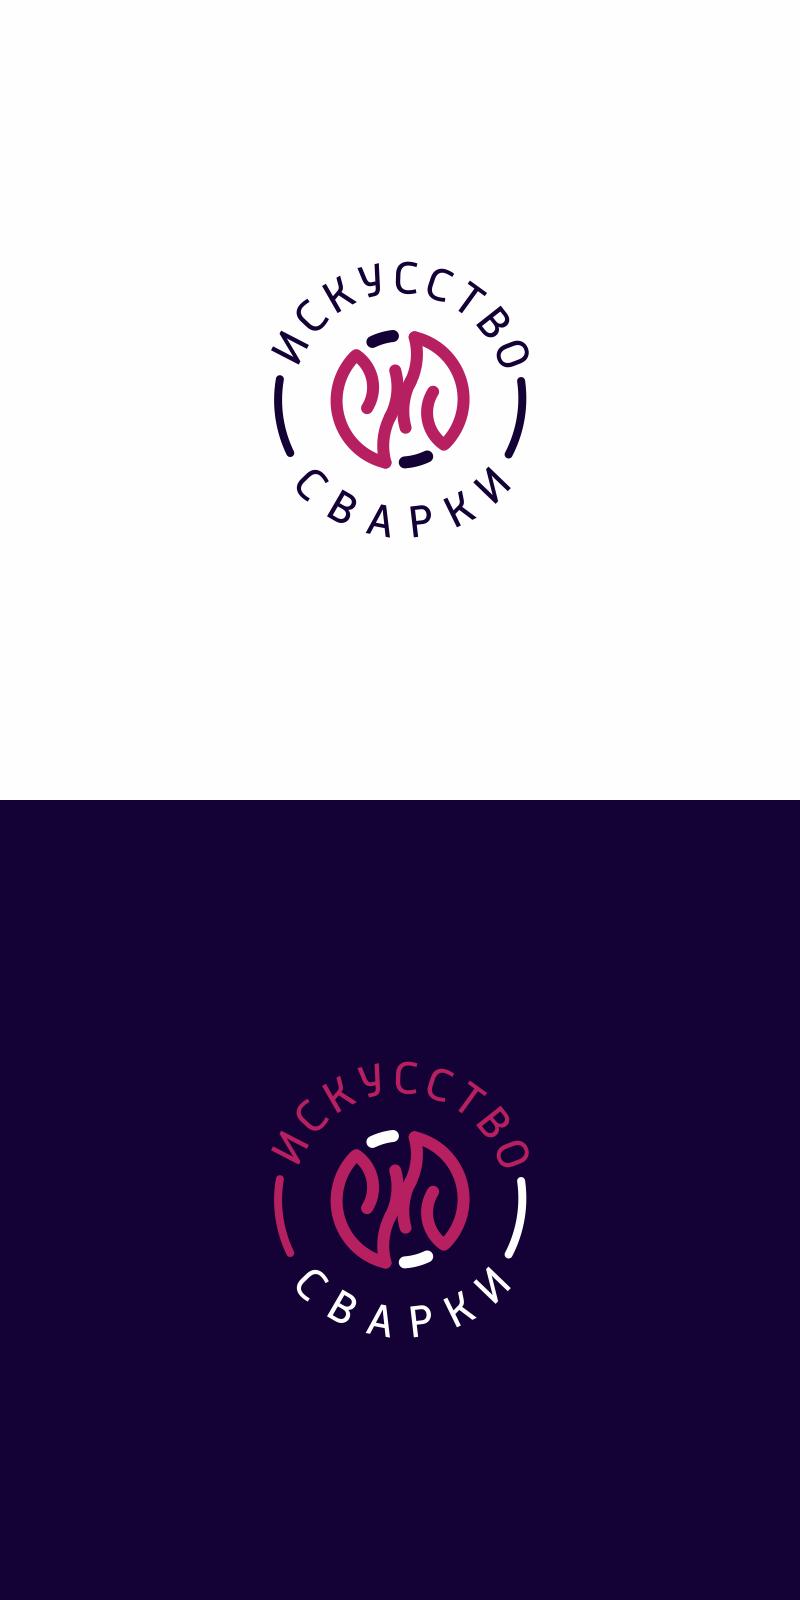 Разработка логотипа для Конкурса фото f_4345f70dc1a3db19.png